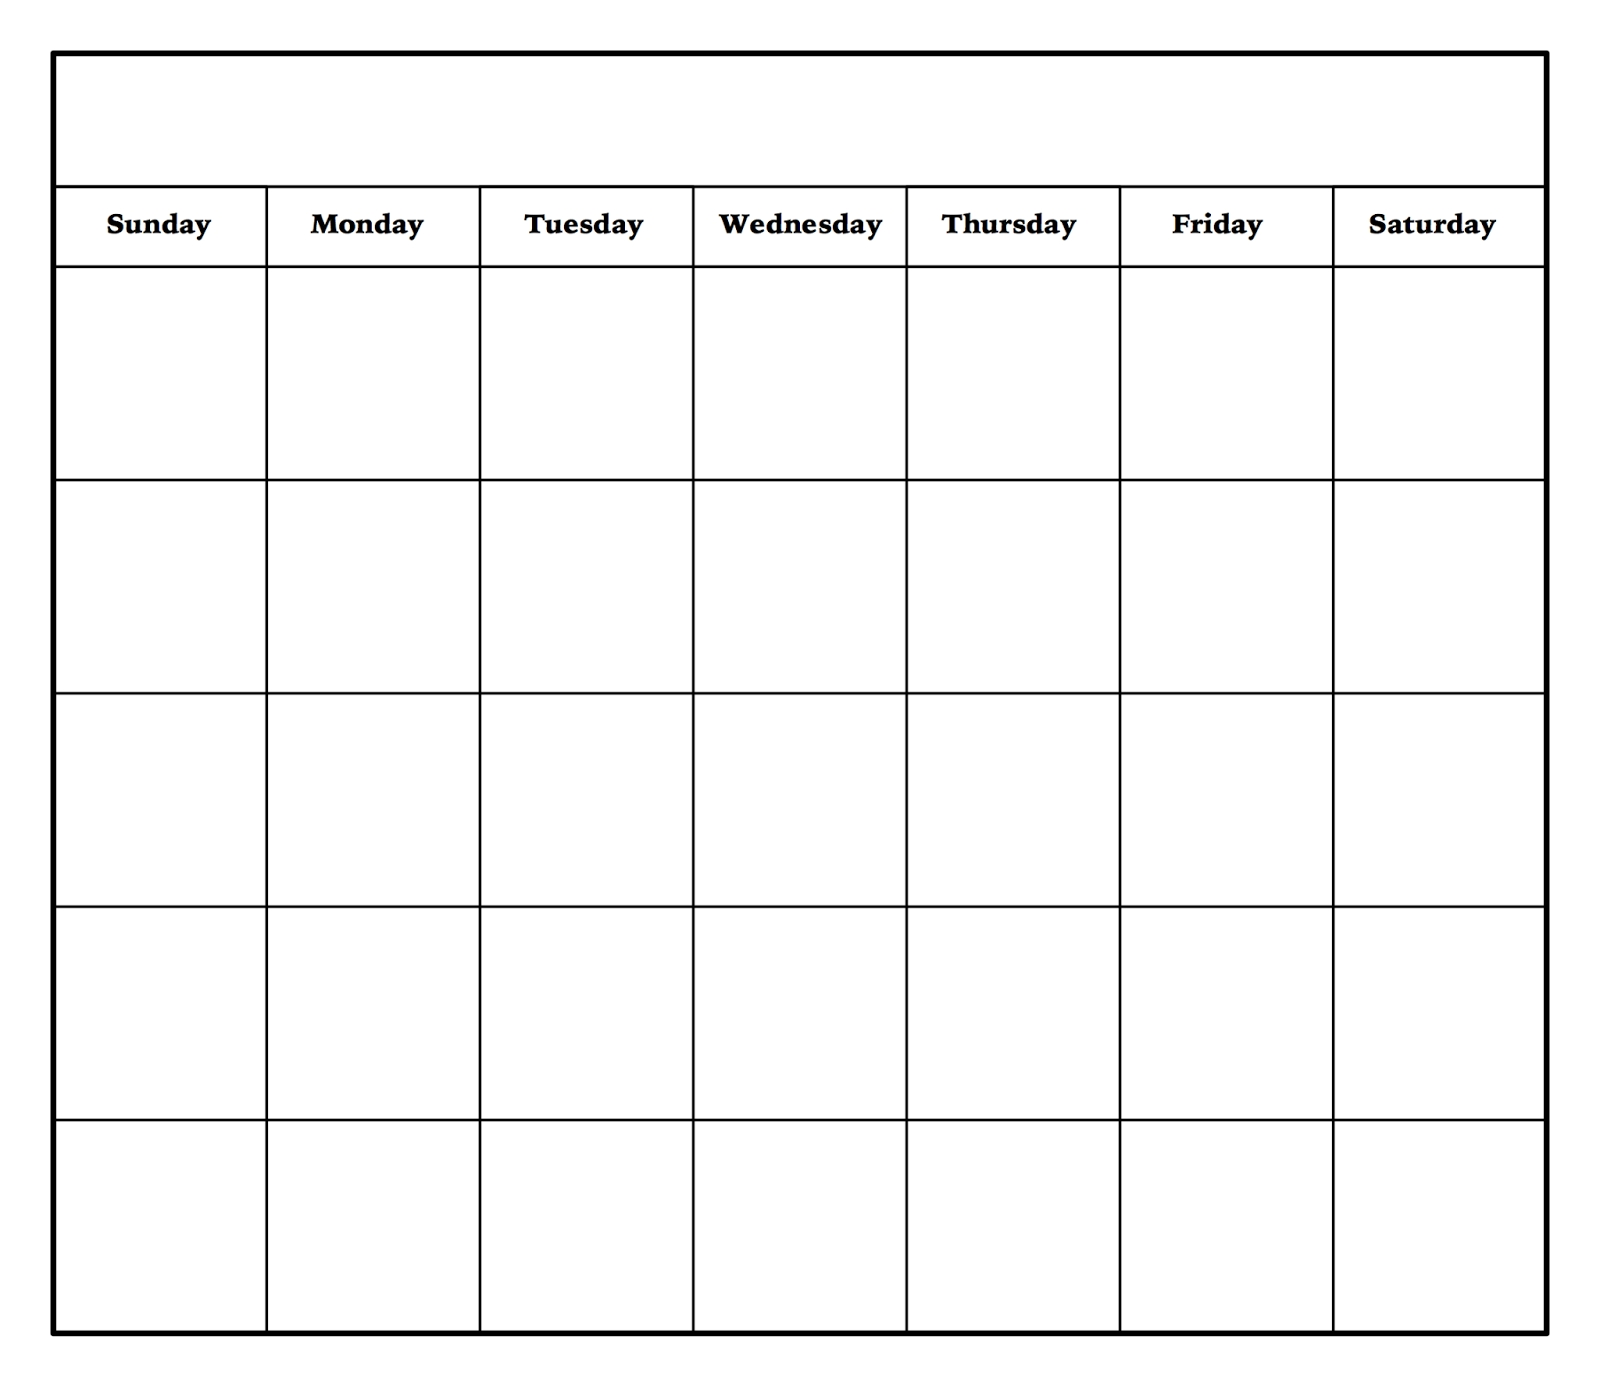 monthly calendar template excel sheet | monthly calendar